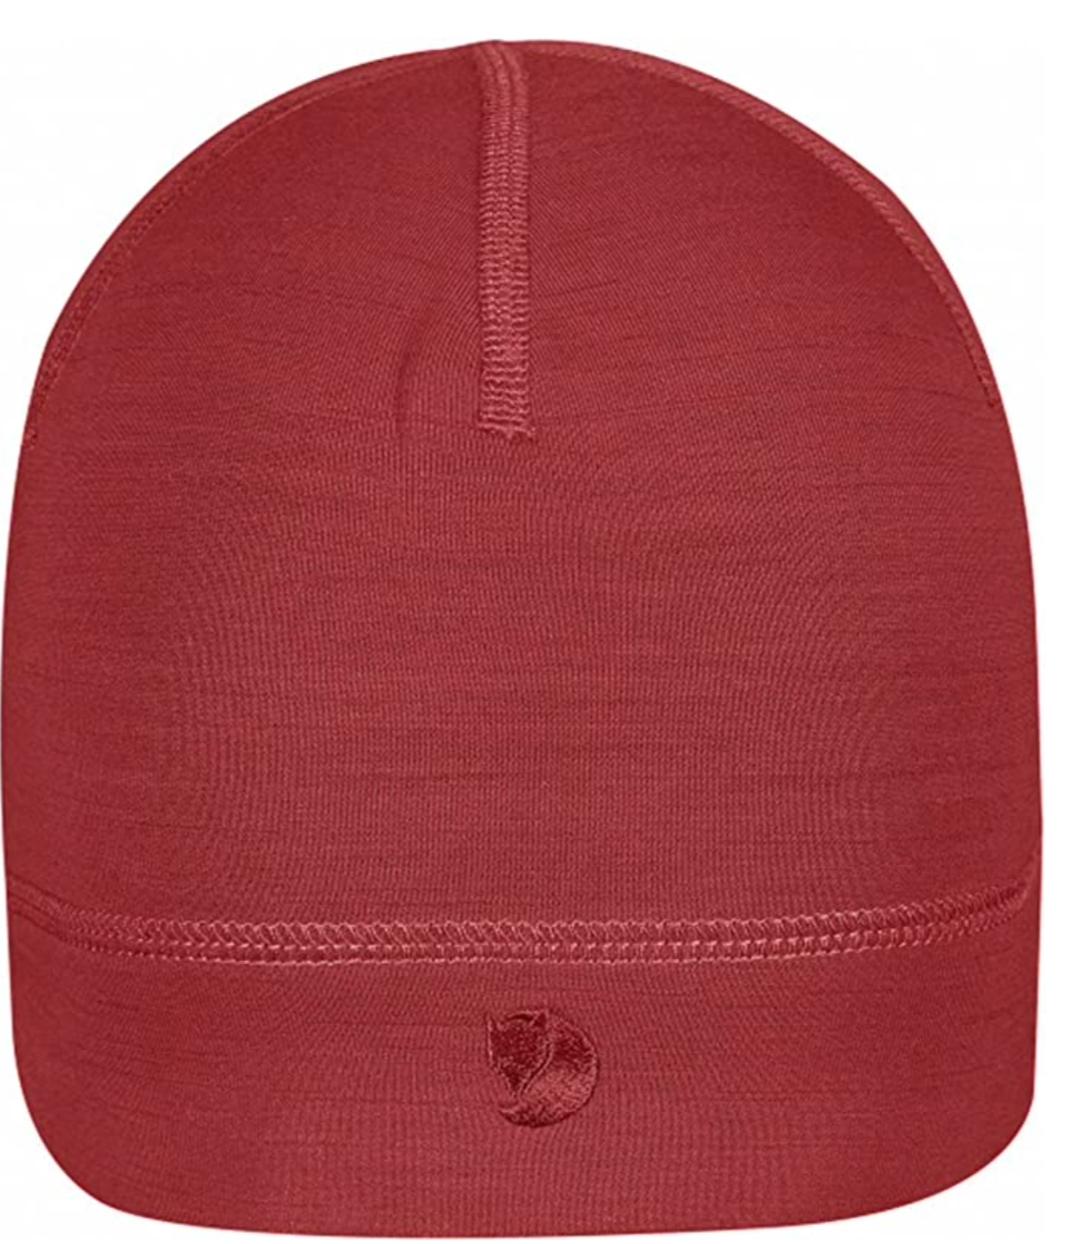 FJALLRAVEN Keb Unisex Adult Fleece Hat